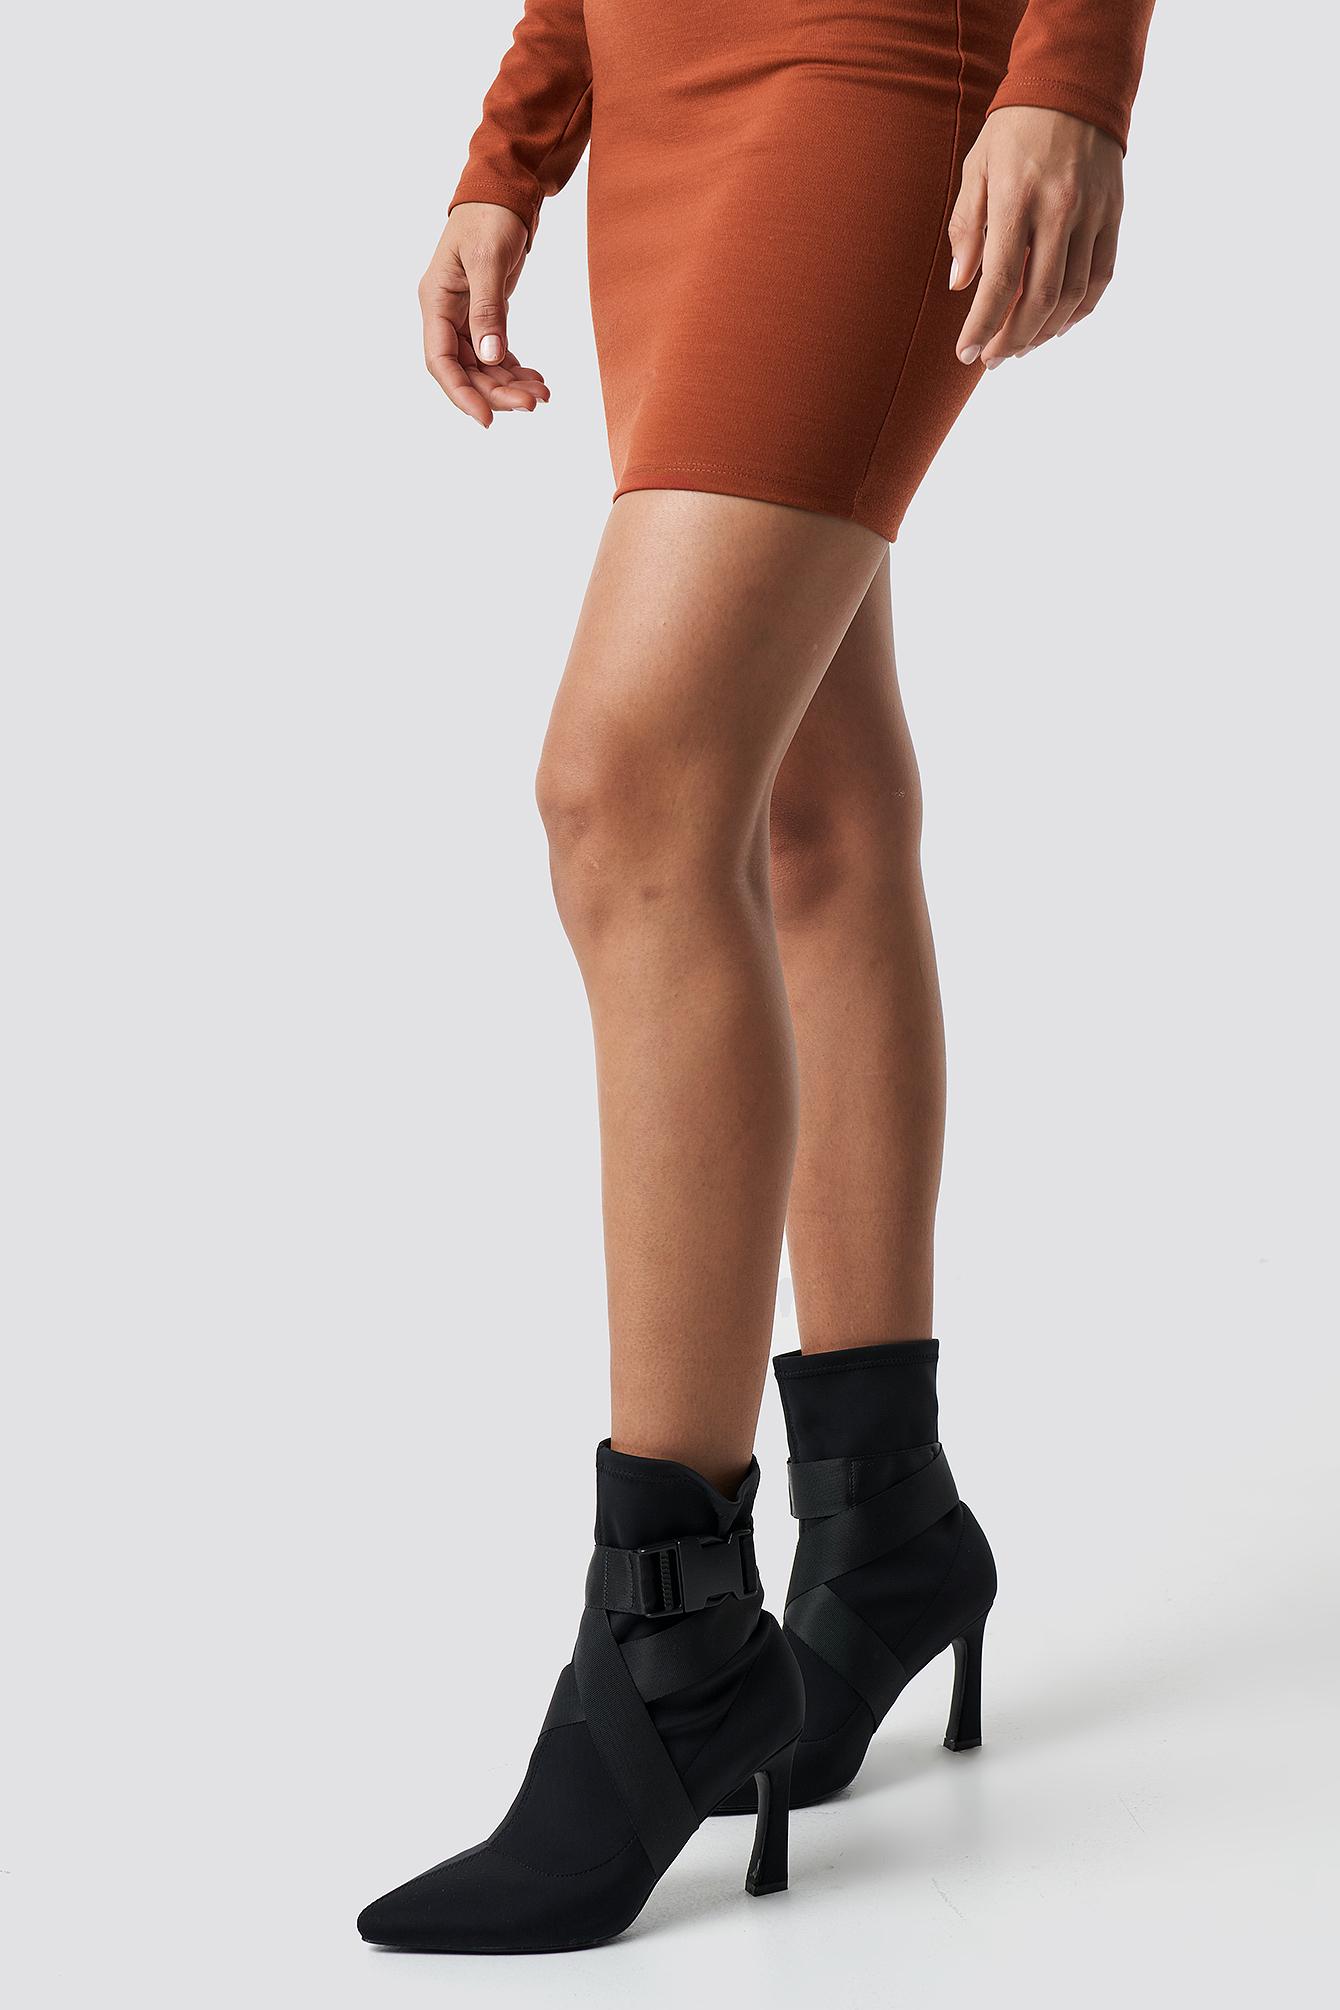 High Heel Belted Boots NA-KDLOUNGE.DE